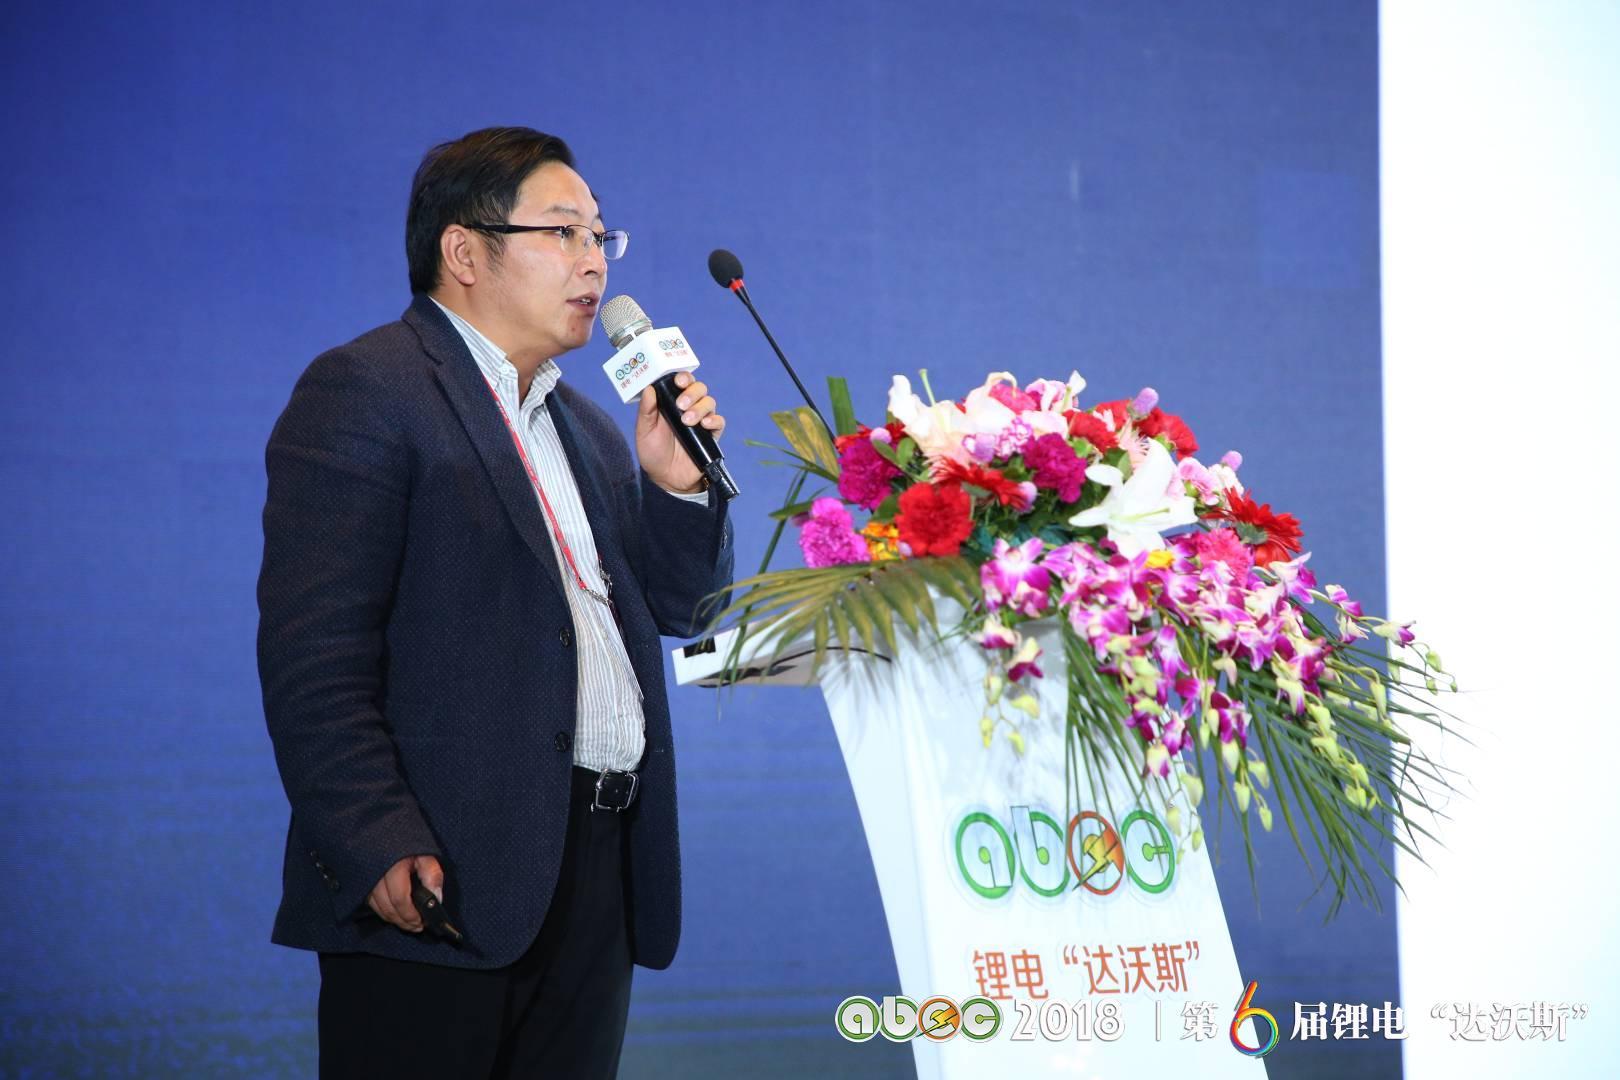 彭政峰:中国新能源汽车和锂电池产业链投资机遇